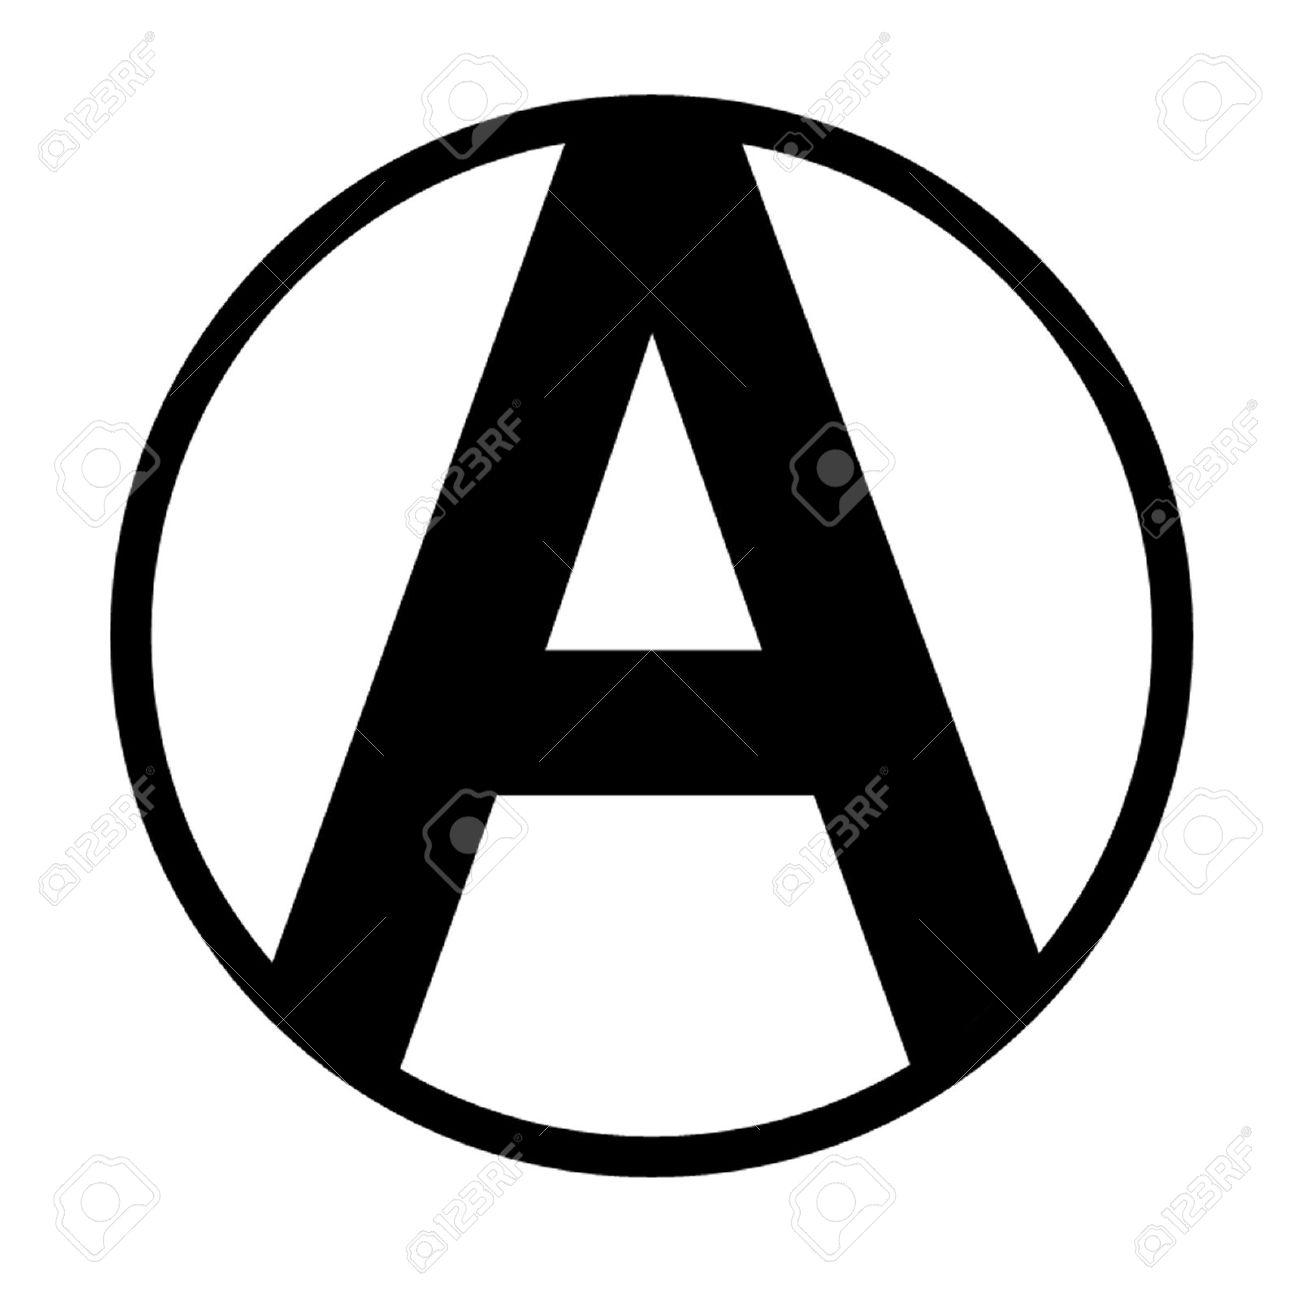 Anarchy symbol royalty free cliparts vectors and stock anarchy symbol stock vector 17077130 buycottarizona